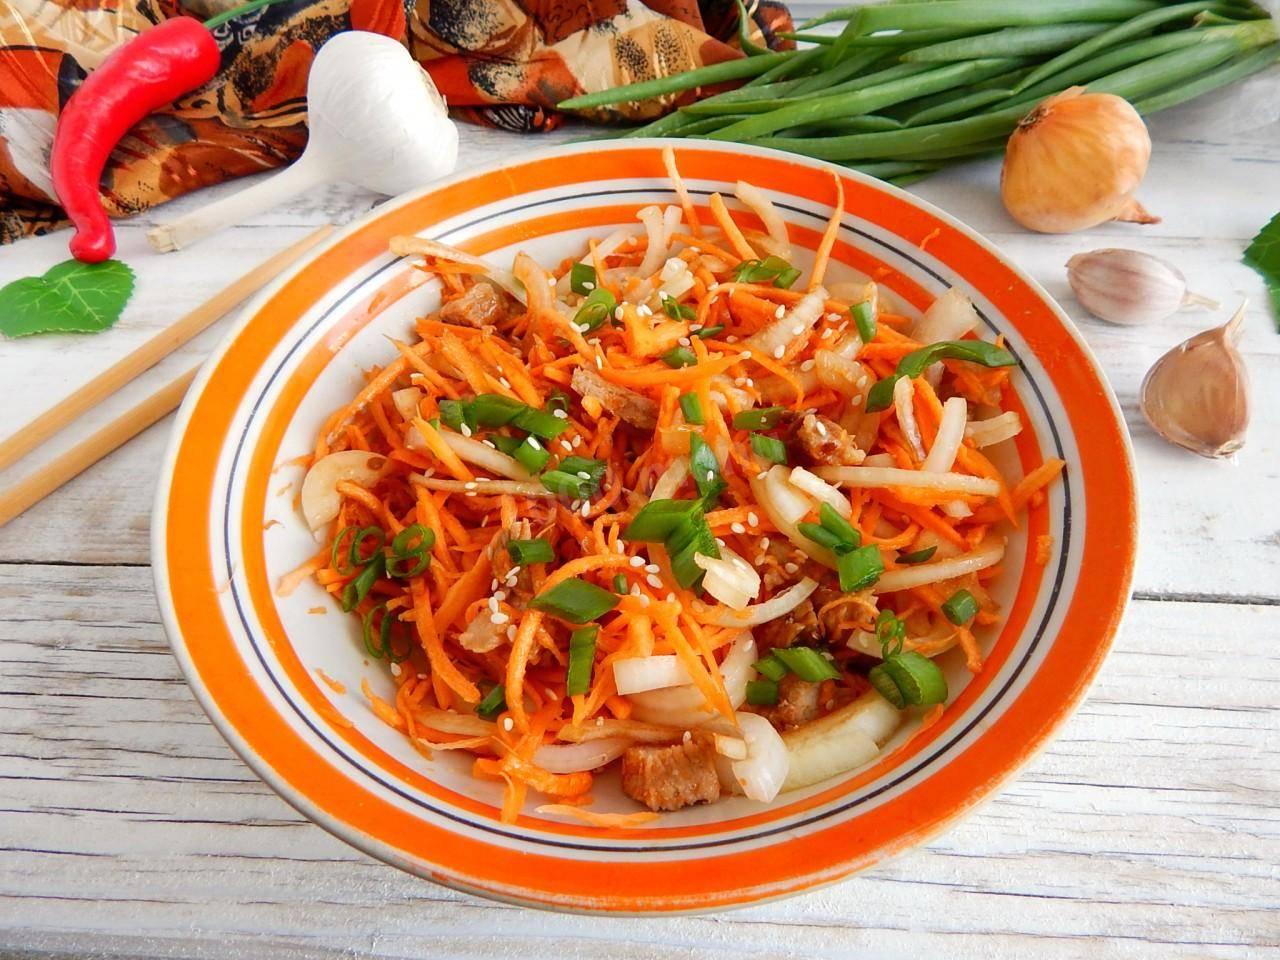 Хе из рыбы по-корейски: рецепты, как вкусно приготовить в домашних условиях